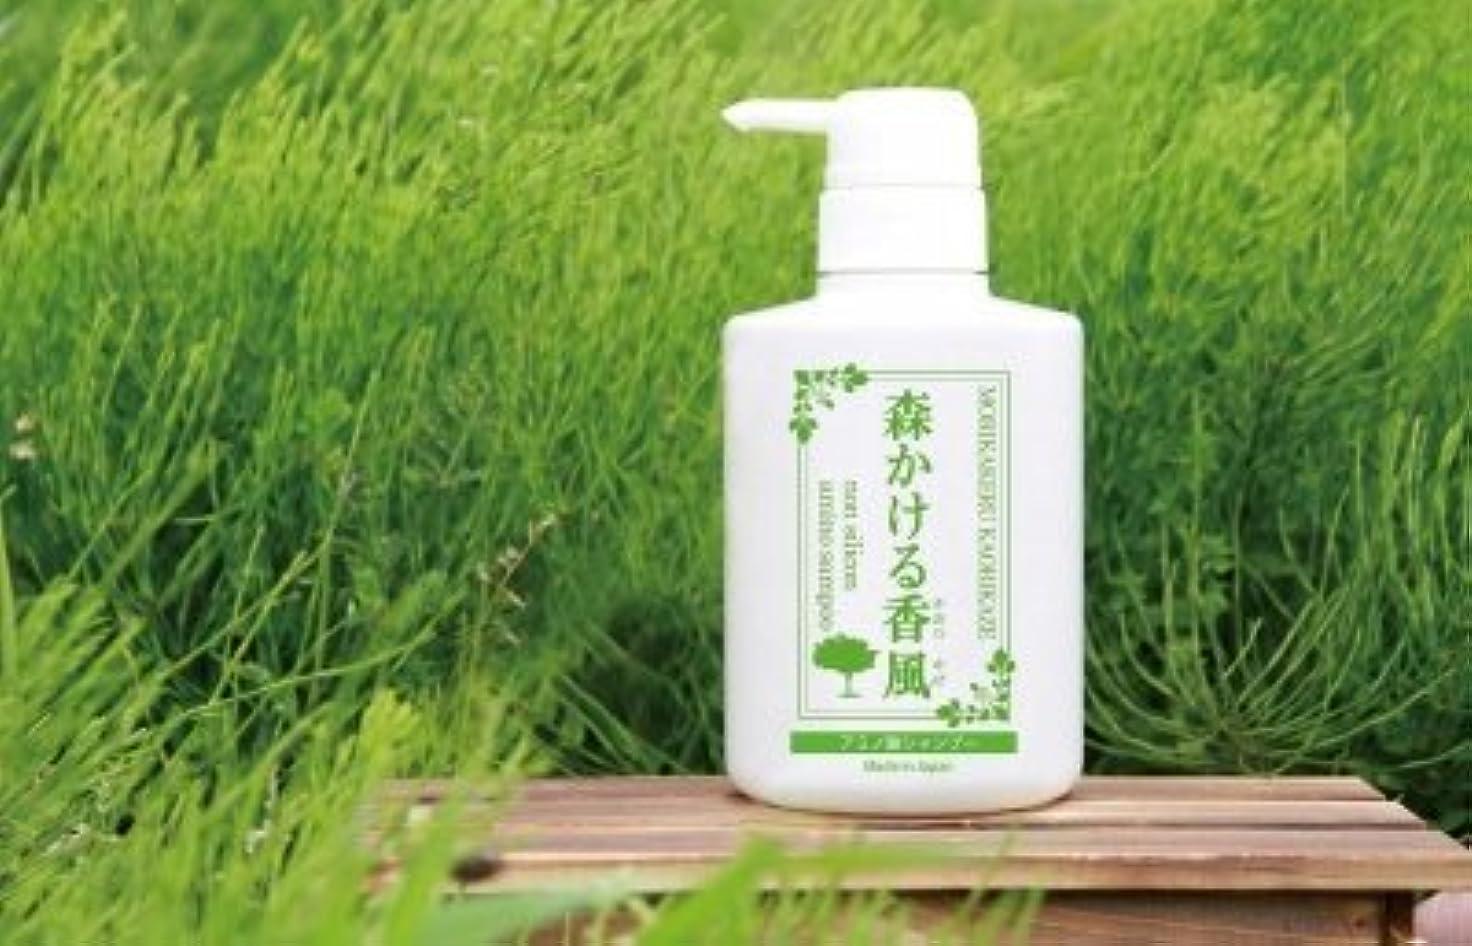 意図する傷つきやすい可能にするお肌にやさしい弱酸性のアミノ酸シャンプー「森かける香風」300ml(品番K-1)k-gate